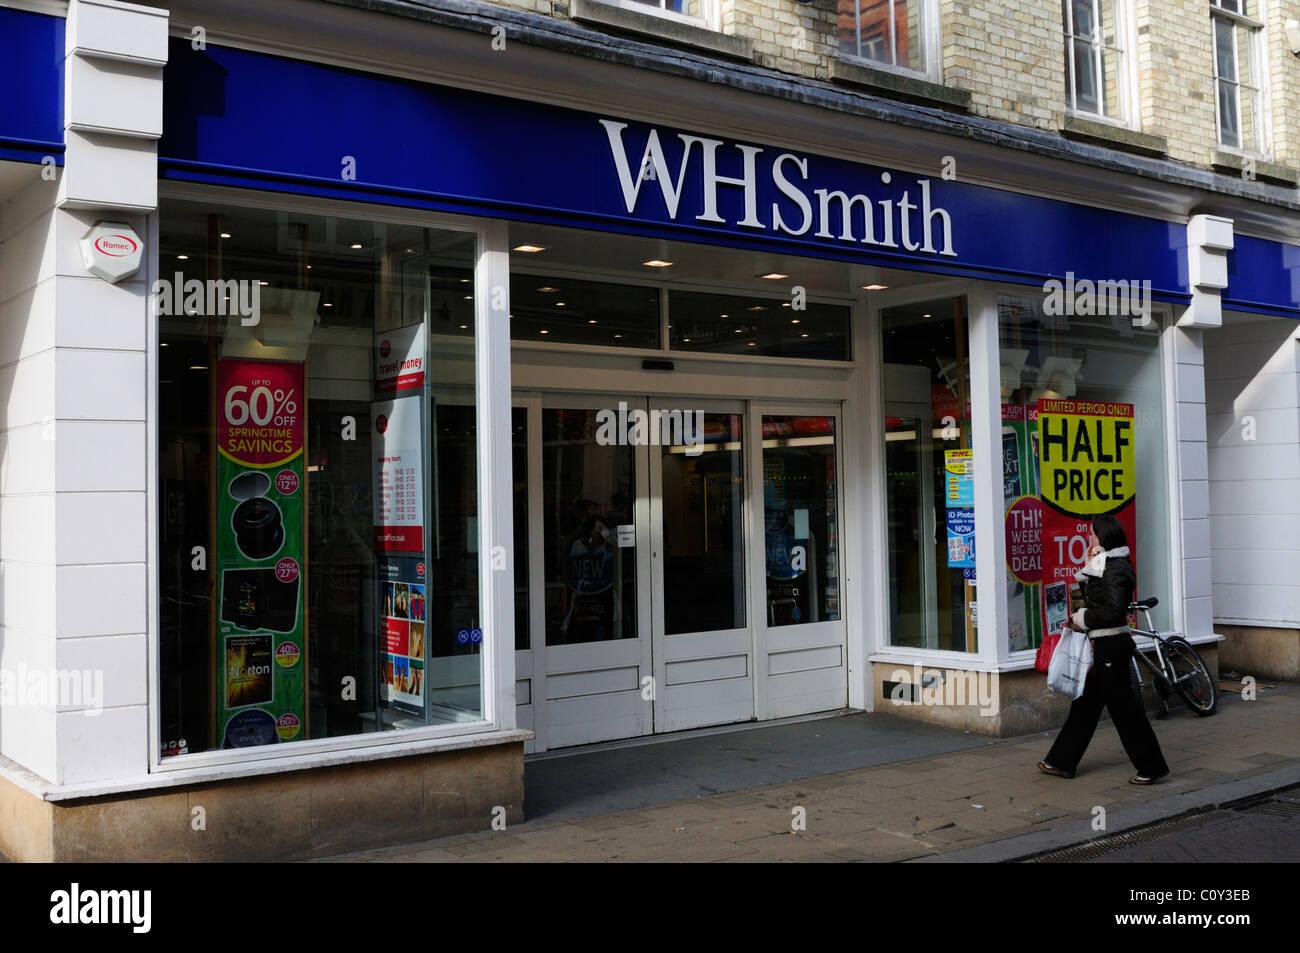 WH Smith Newsagents, Market Street, Cambridge, England, UK - Stock Image